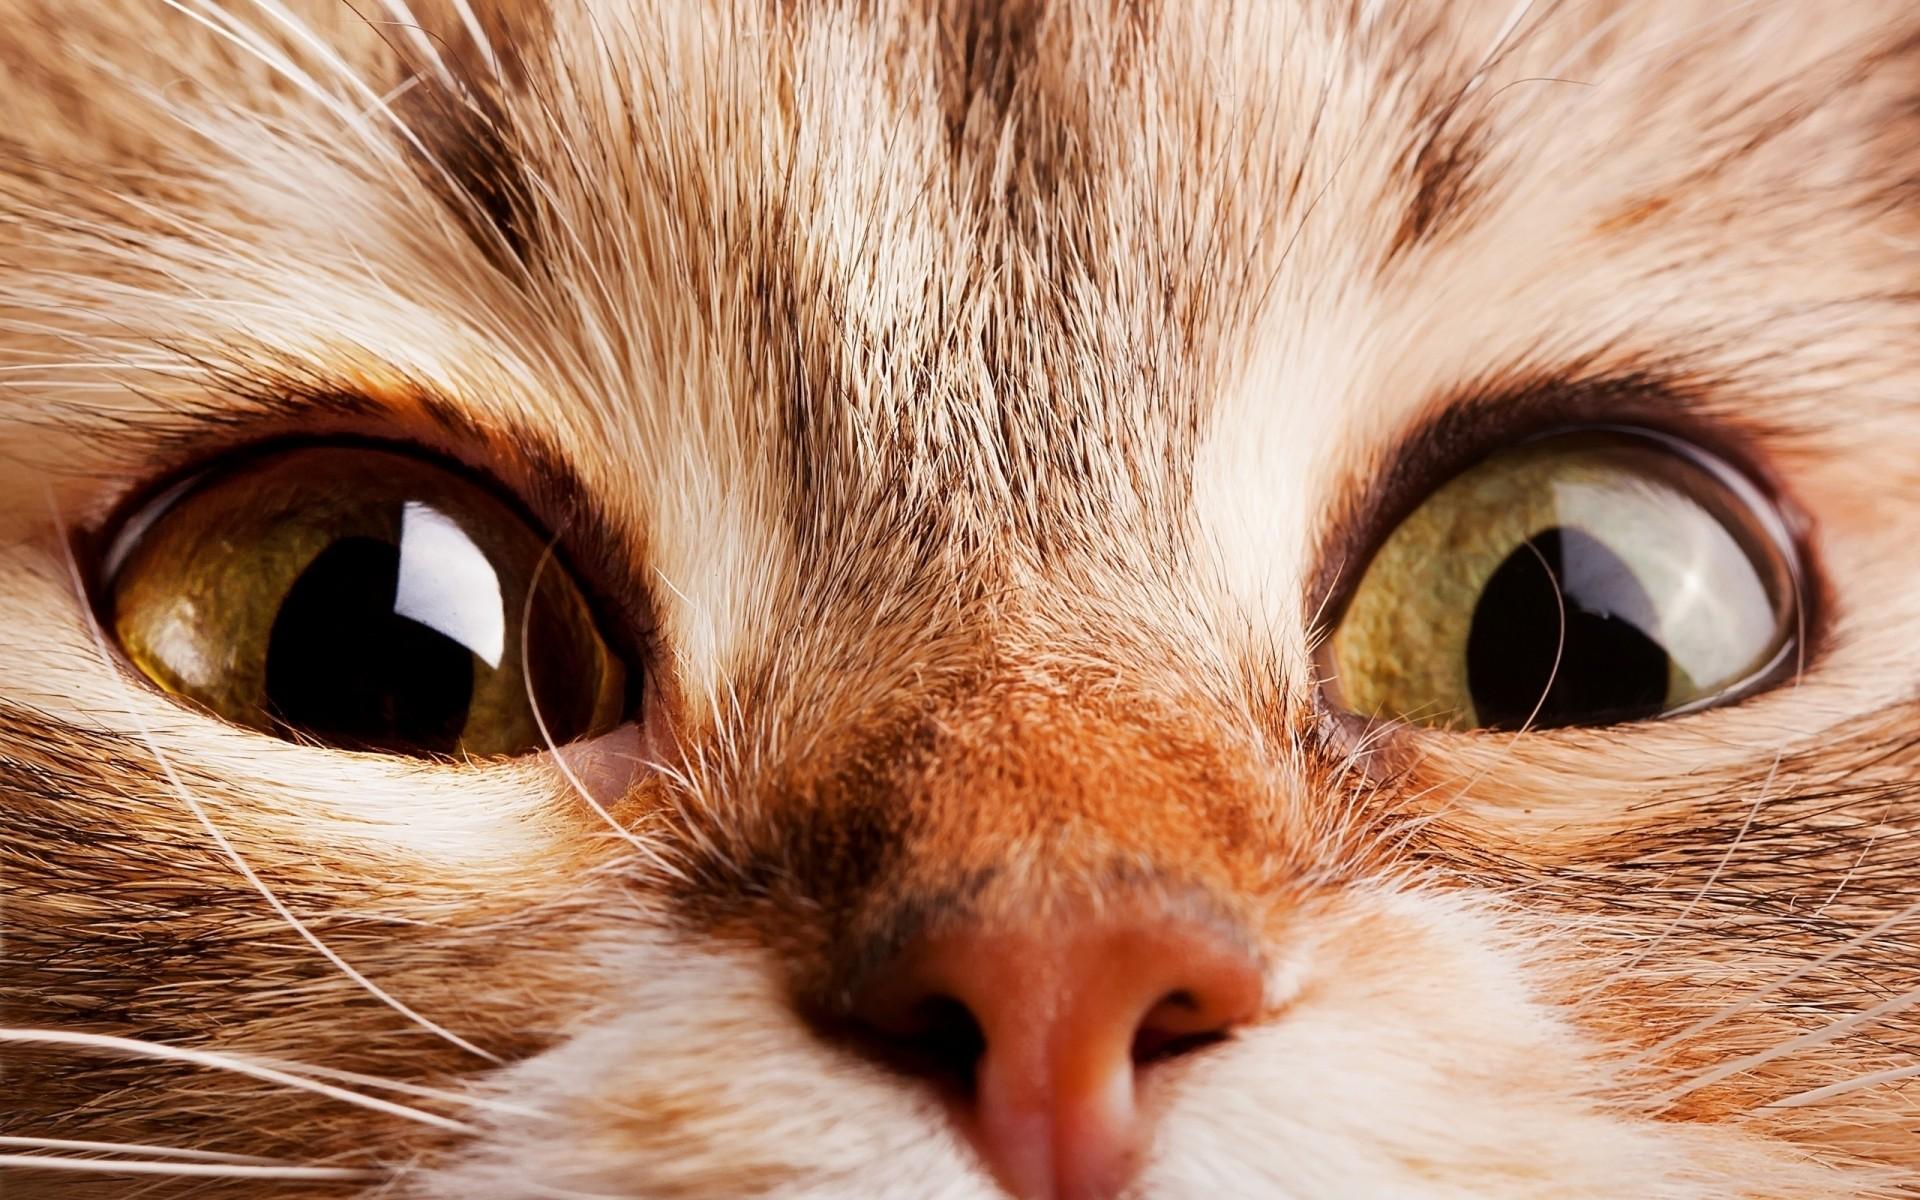 Картинки на телефон глаза животных, марта написанные